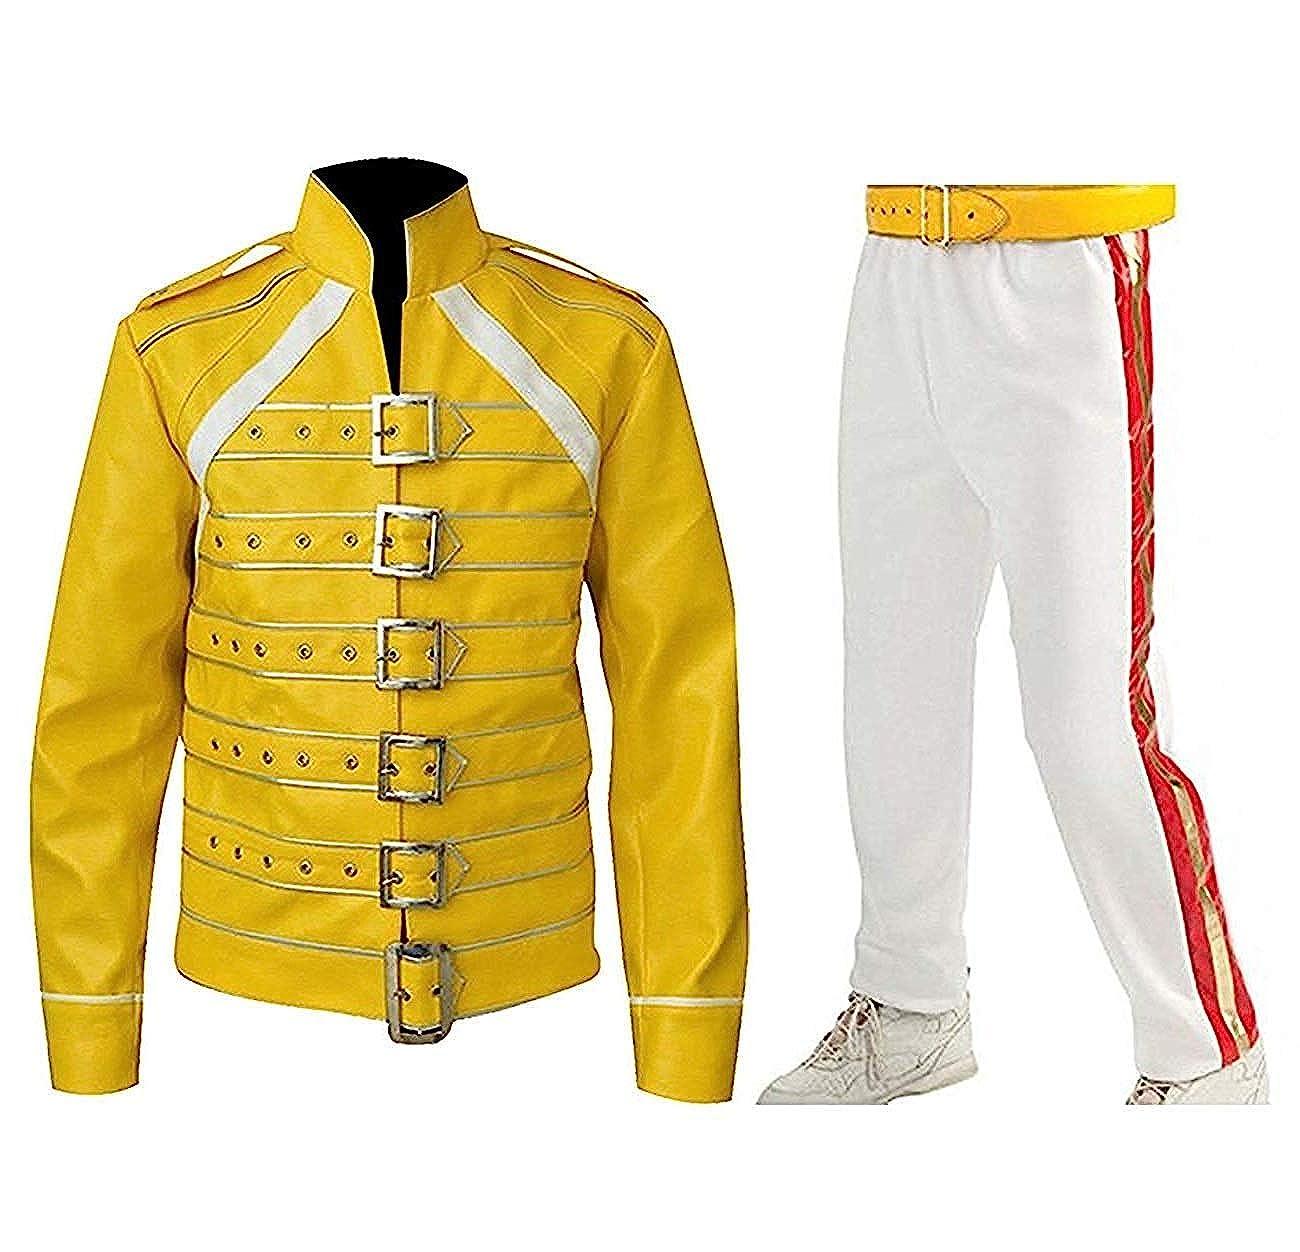 TALLA M. Fashion_First - Chaqueta - para Hombre